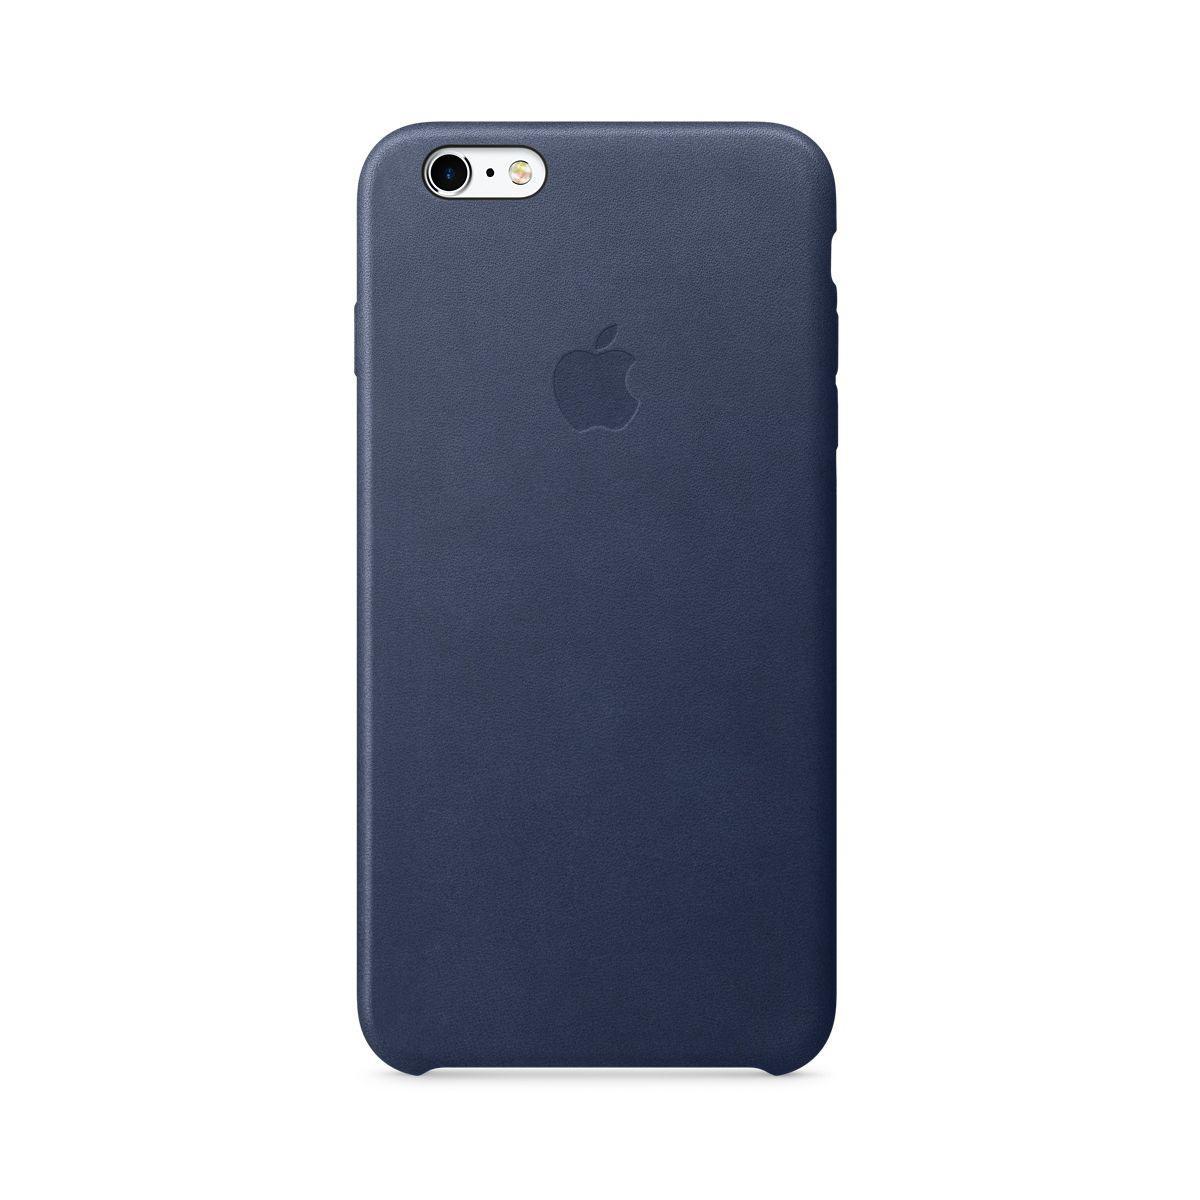 Coque apple iphone 6/6s plus cuir bleu nuit (photo)